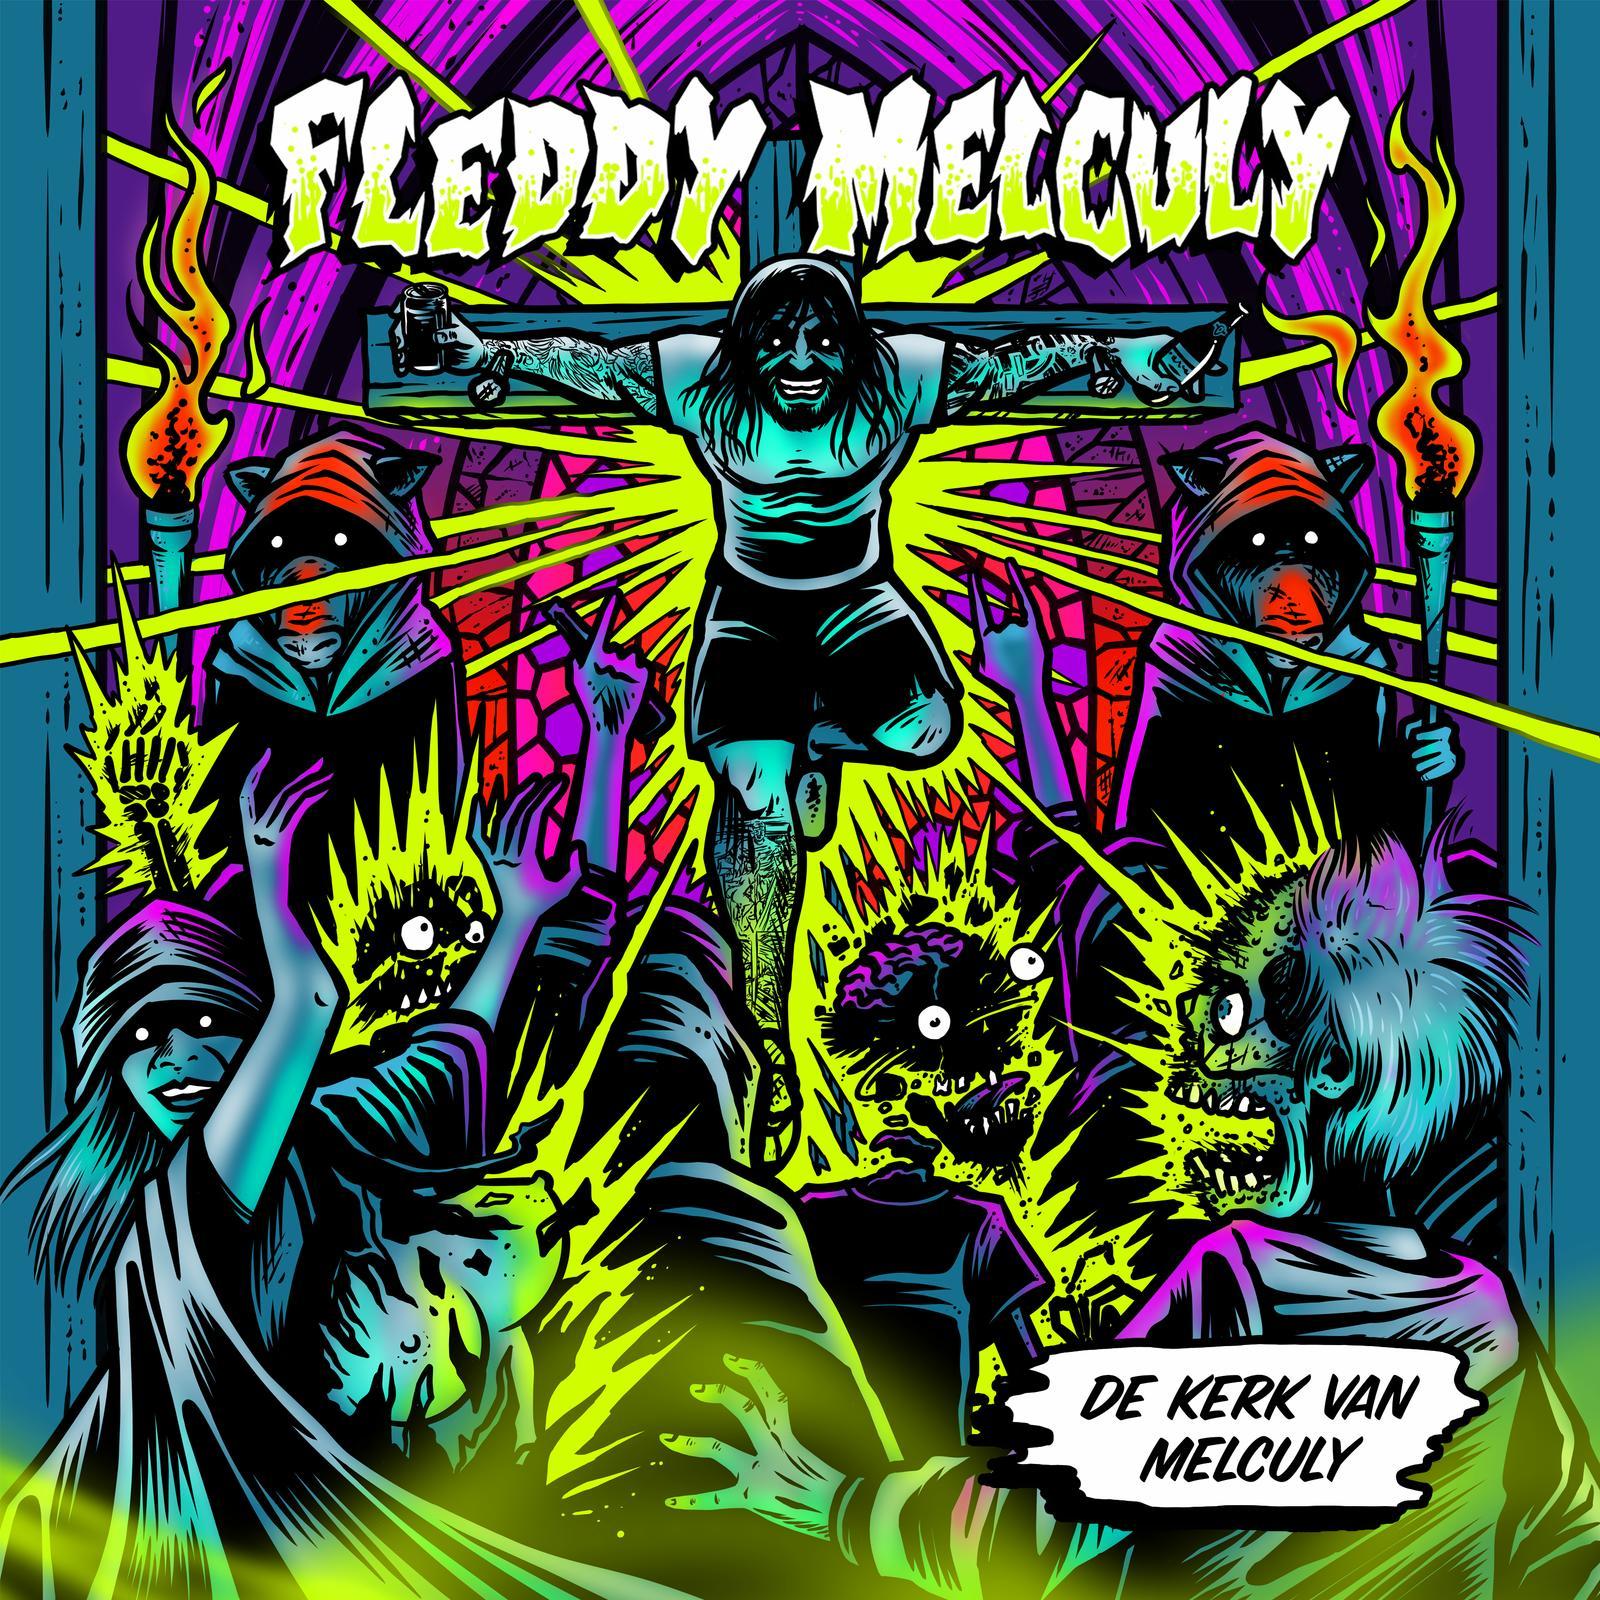 Fleddy Melculy – De Kerk Van Melculy